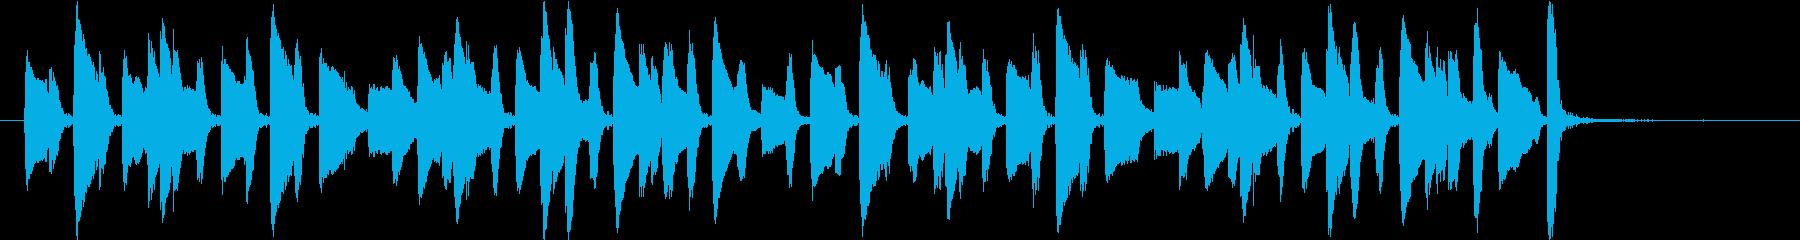 ピアノによる軽快なジングルの再生済みの波形